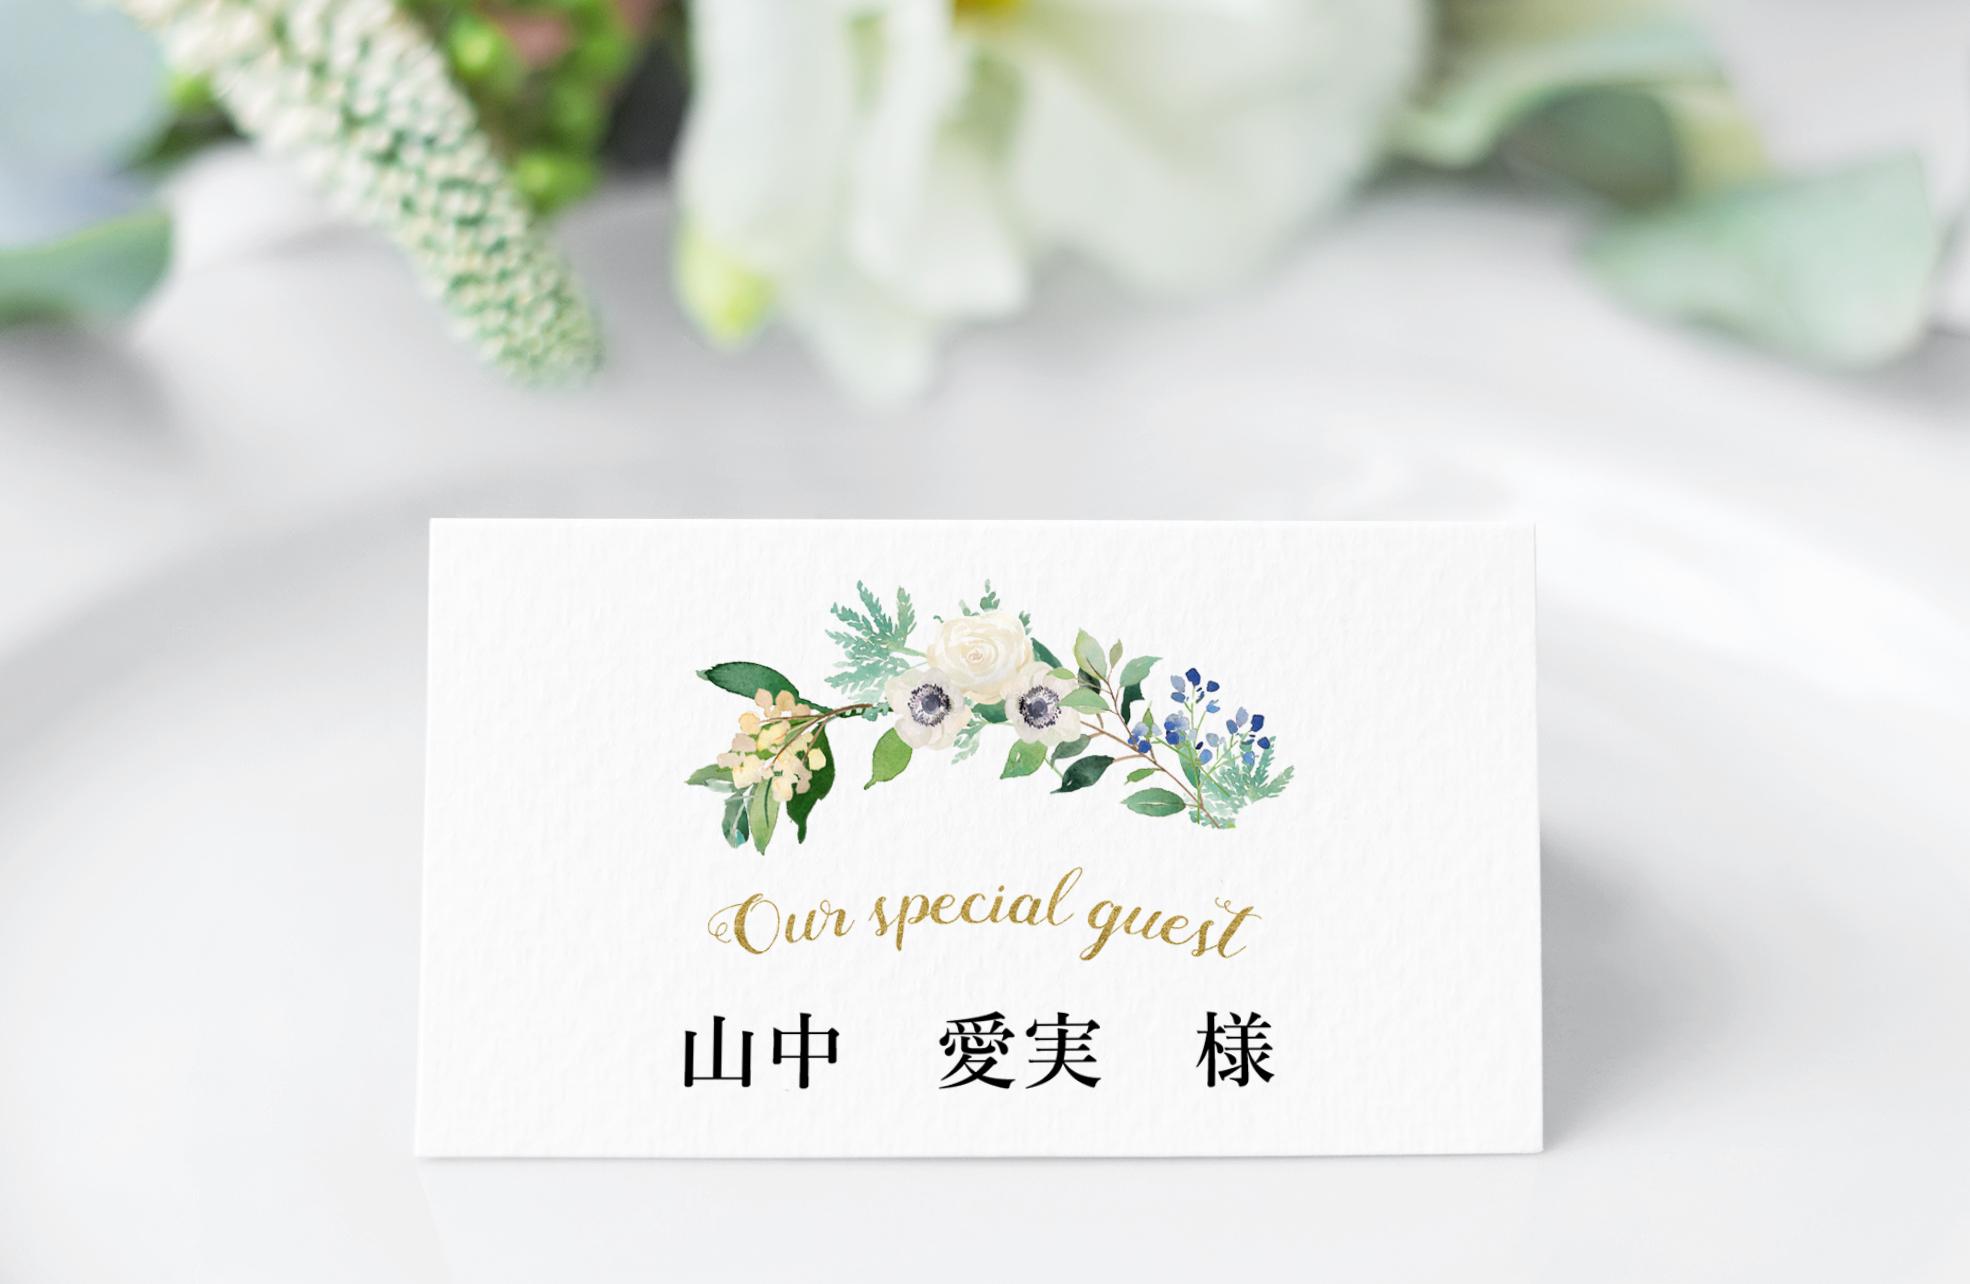 席札 90円~/部 【ホワイトローズ】│結婚式 ウェディング